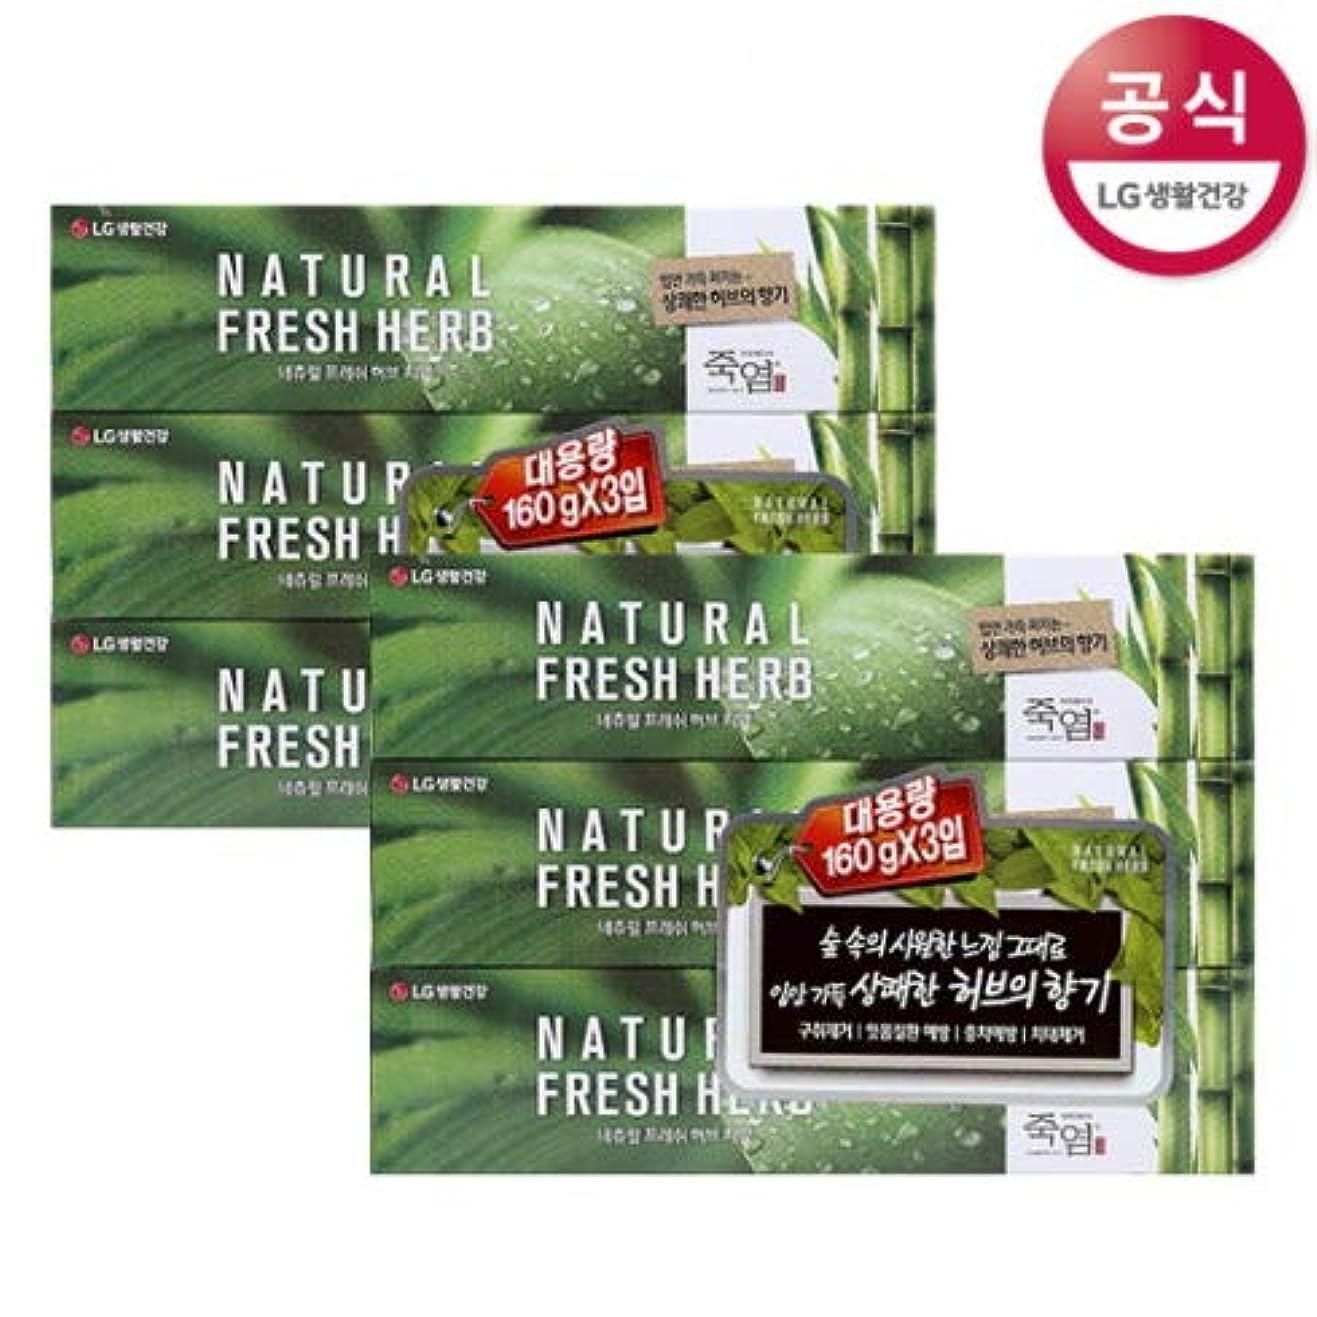 エクスタシー多用途レクリエーション[LG HnB] Bamboo Salt Natural Fresh Herbal Toothpaste/竹塩ナチュラルフレッシュハーブ歯磨き粉 160gx6個(海外直送品)